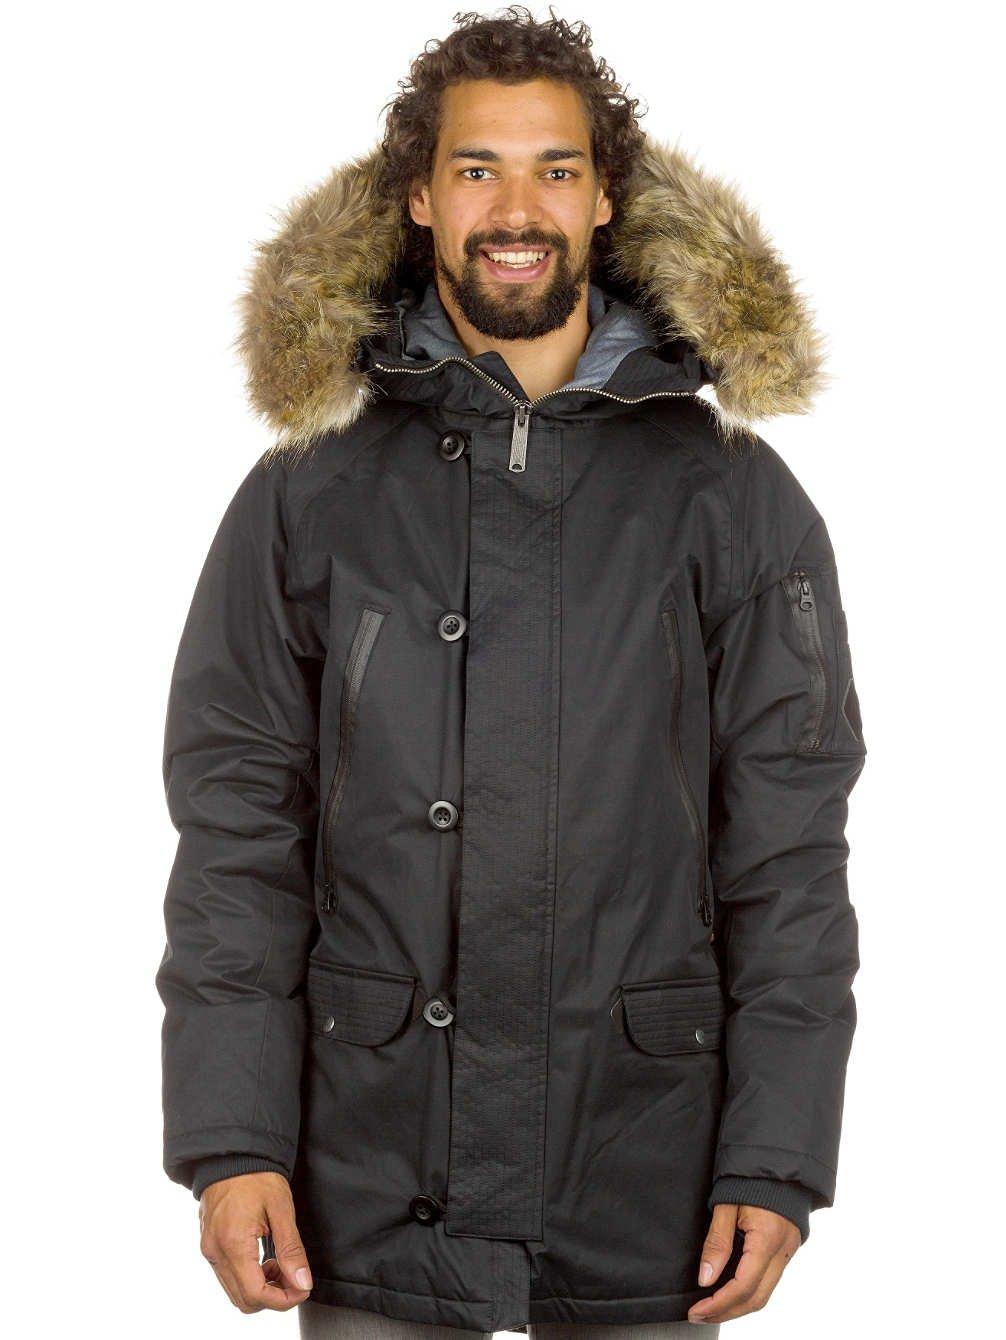 Burton Herren Jacke Bryce Jacket günstig kaufen